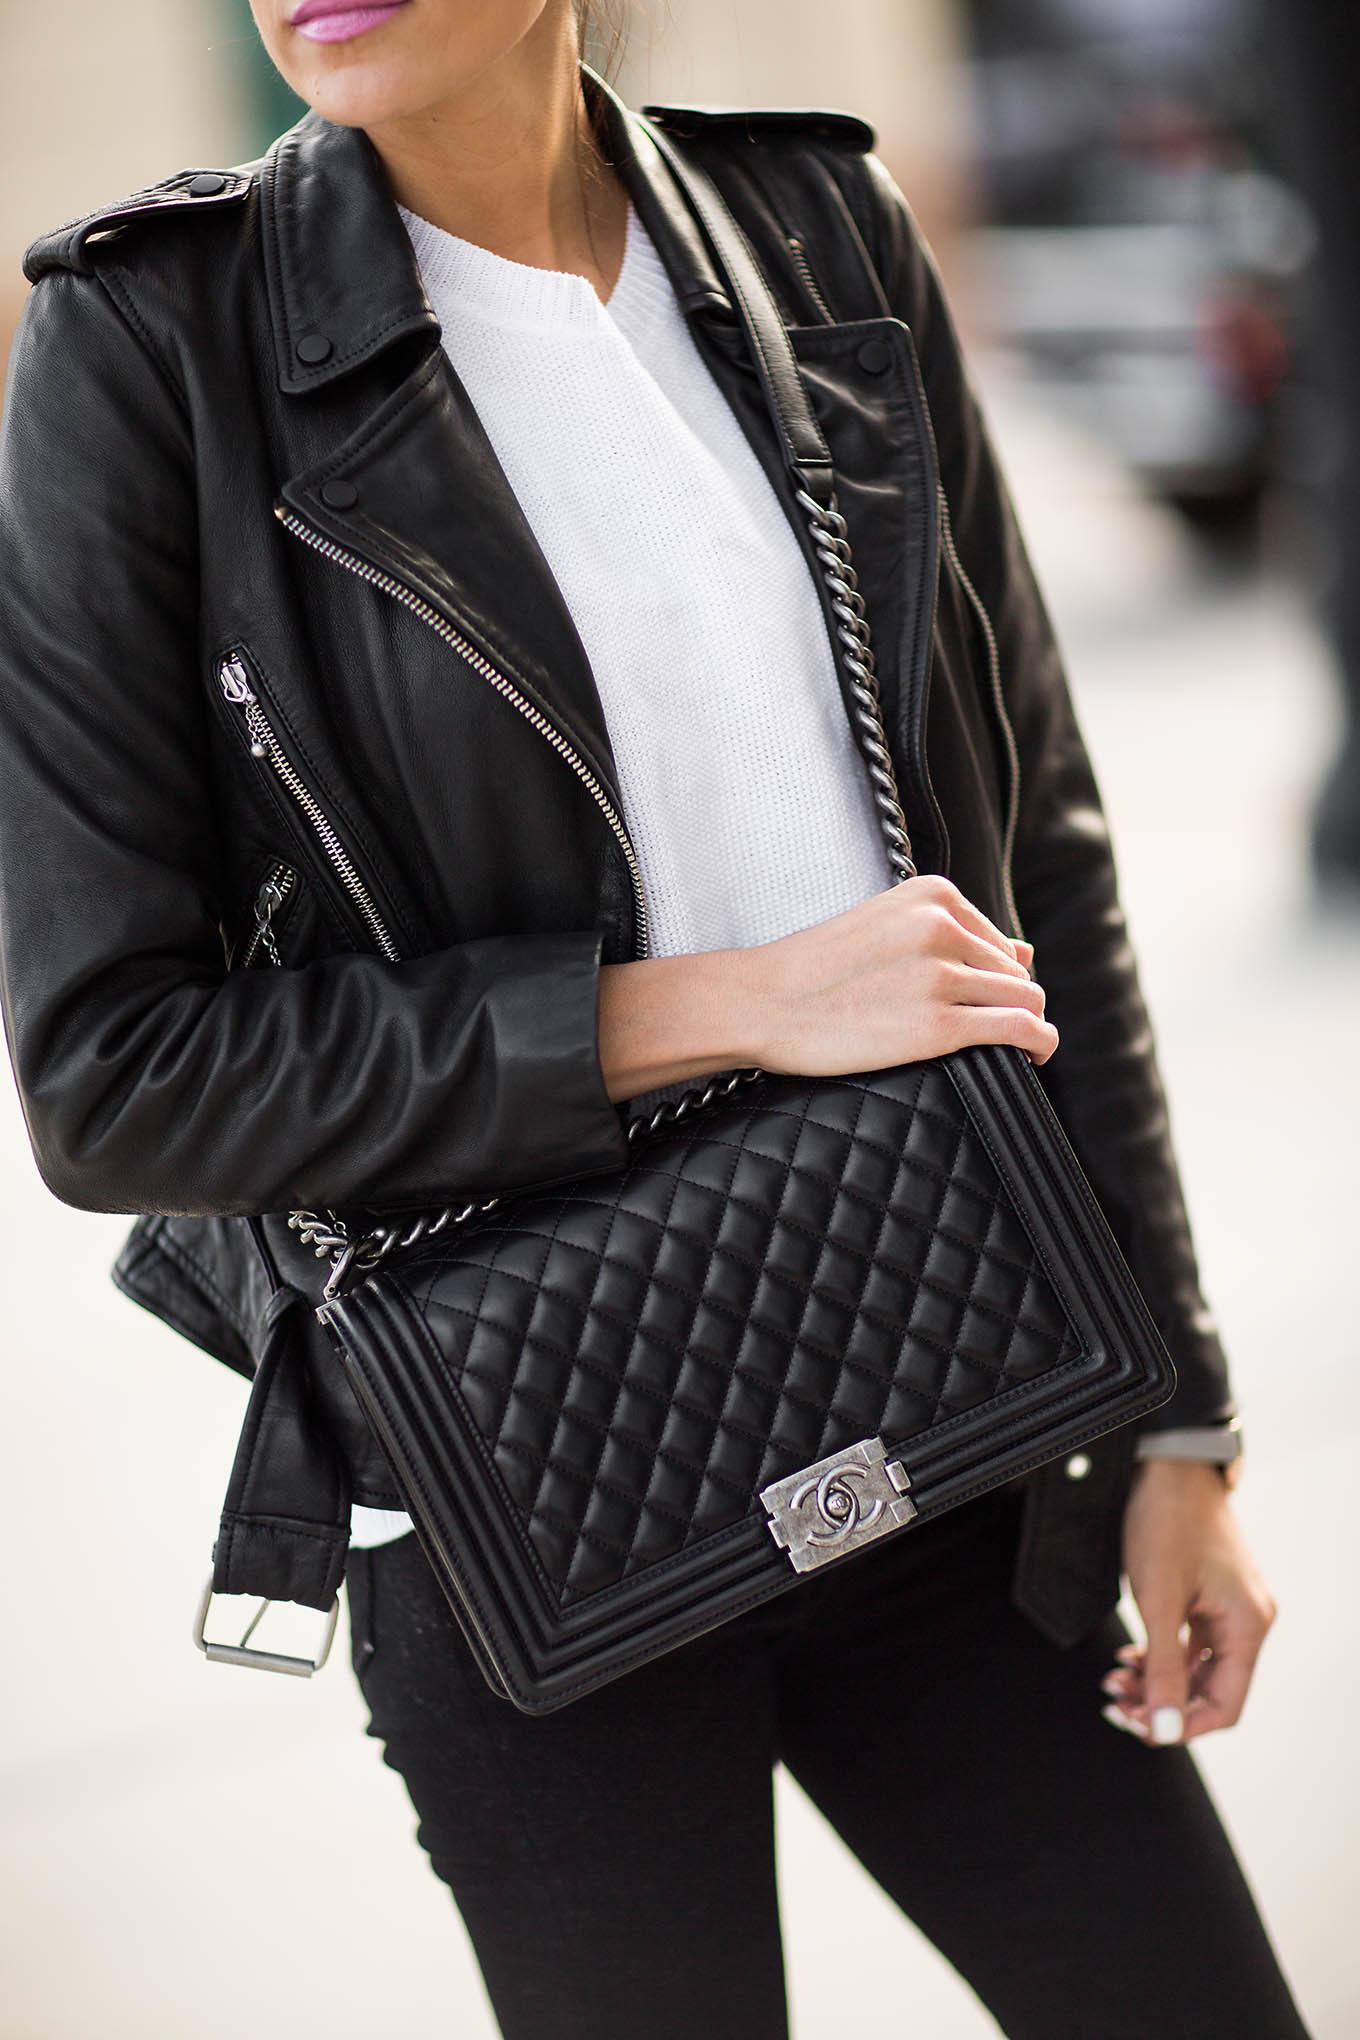 Black leather jacket Hello fashion Blog